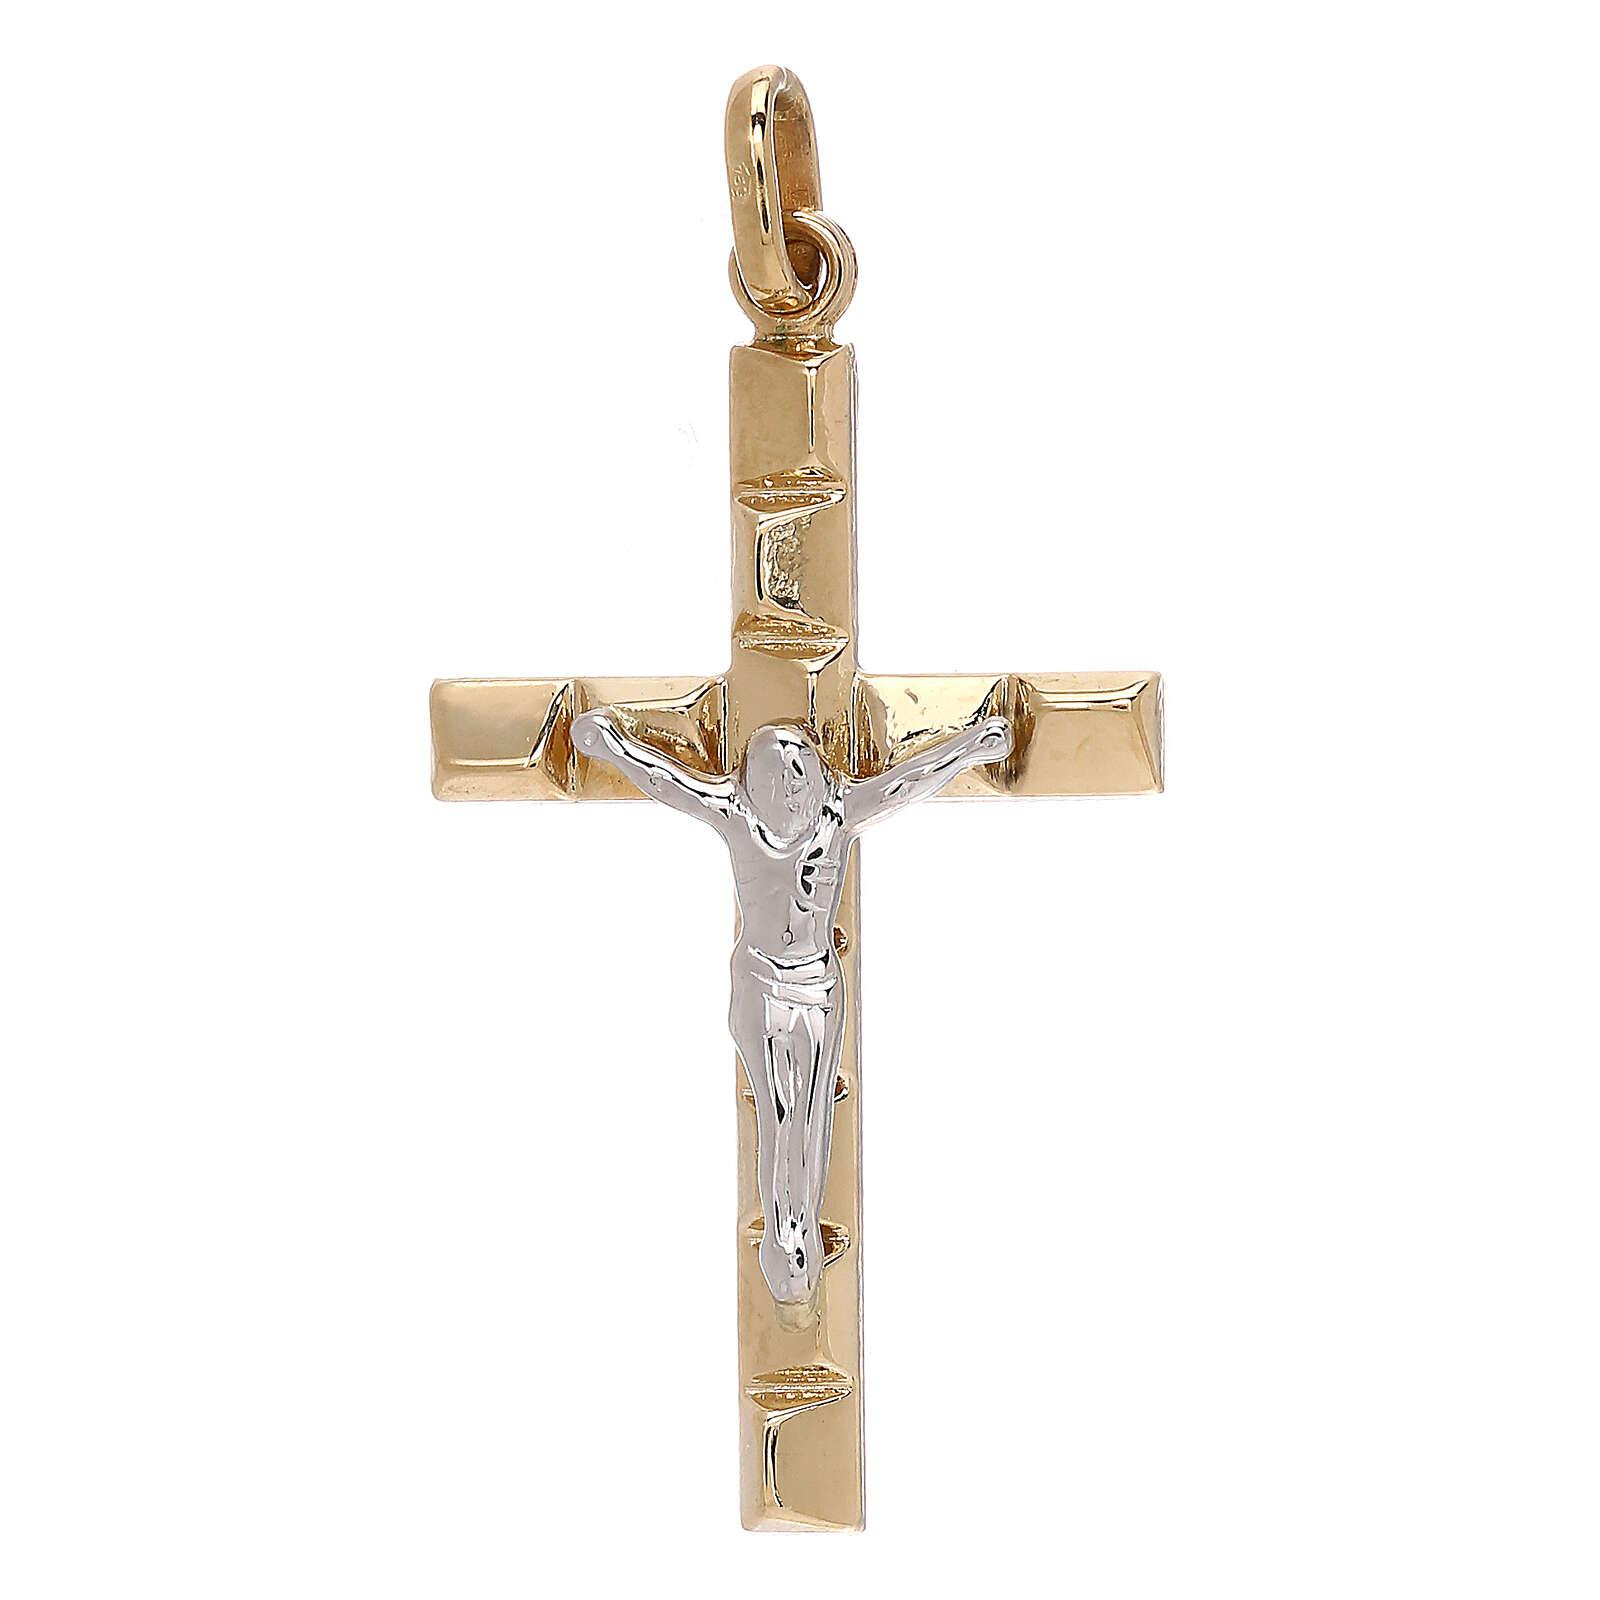 Pendente crocifisso riquadri rilievo bicolore oro 18 kt 1,3 gr 4